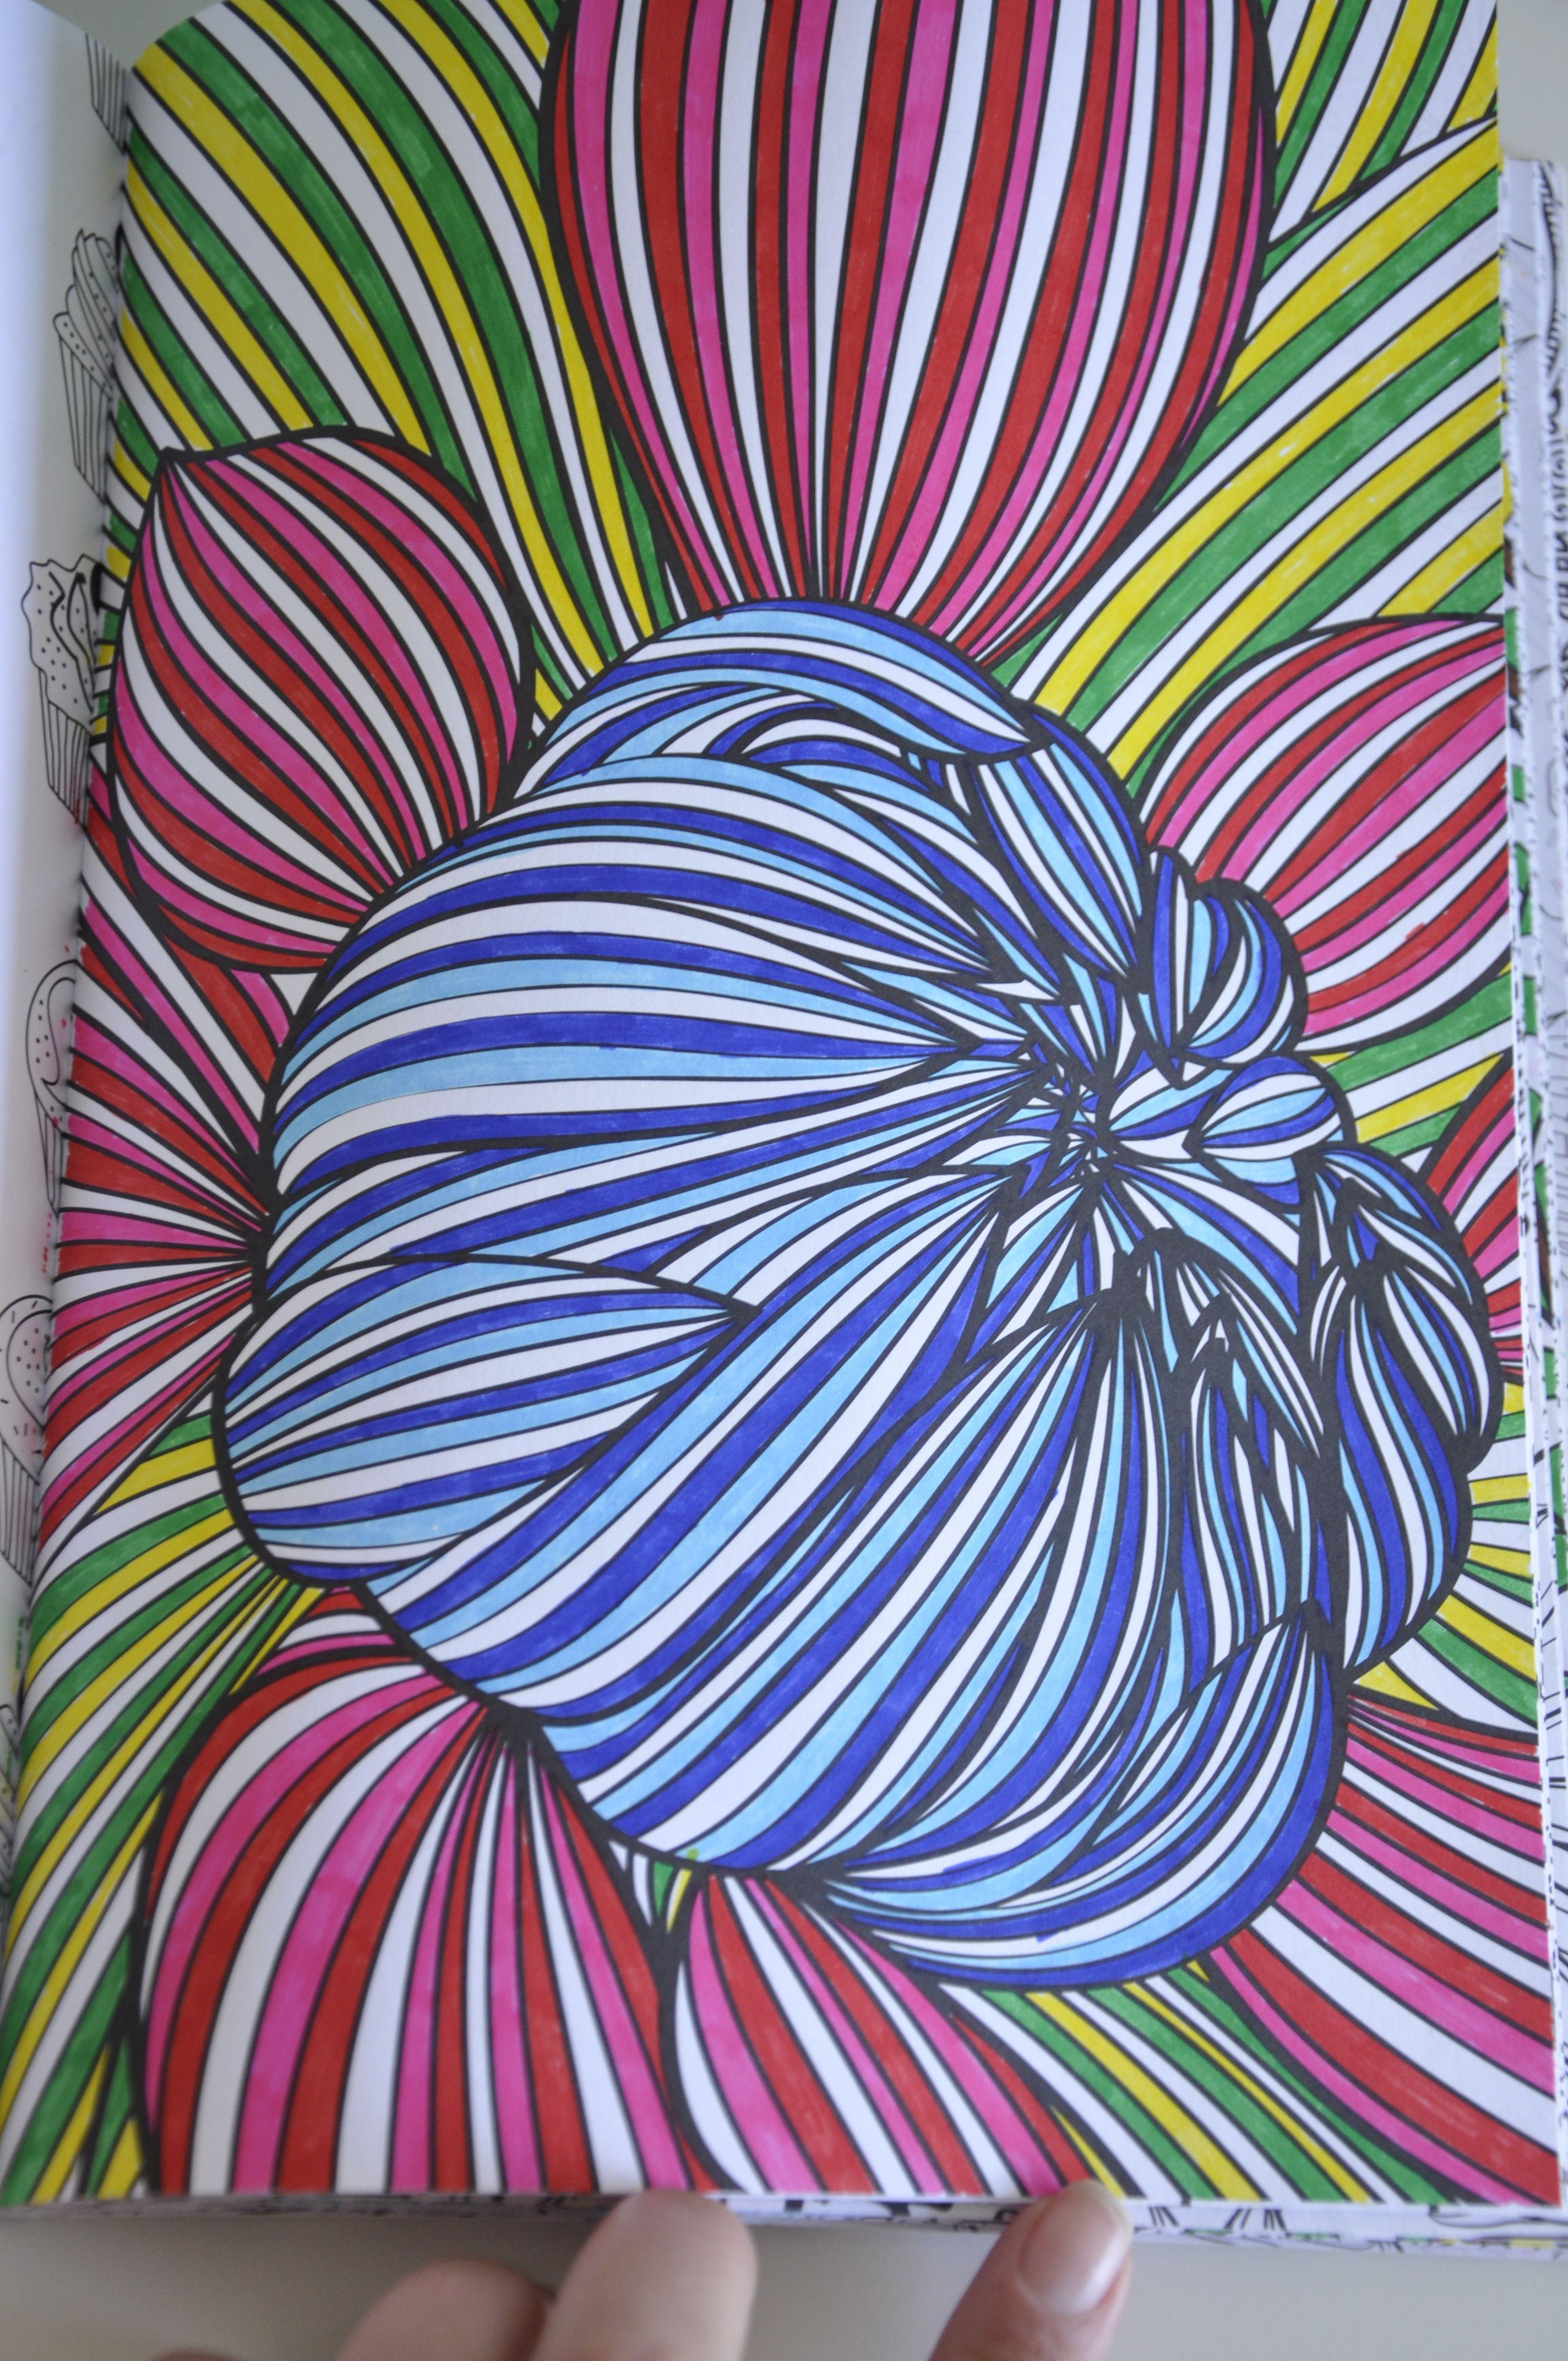 Kleurplaten Volwassenen Ingekleurd.Kleurboek Voor Volwassenen Ingekleurd Google Zoeken Kleuren Voor